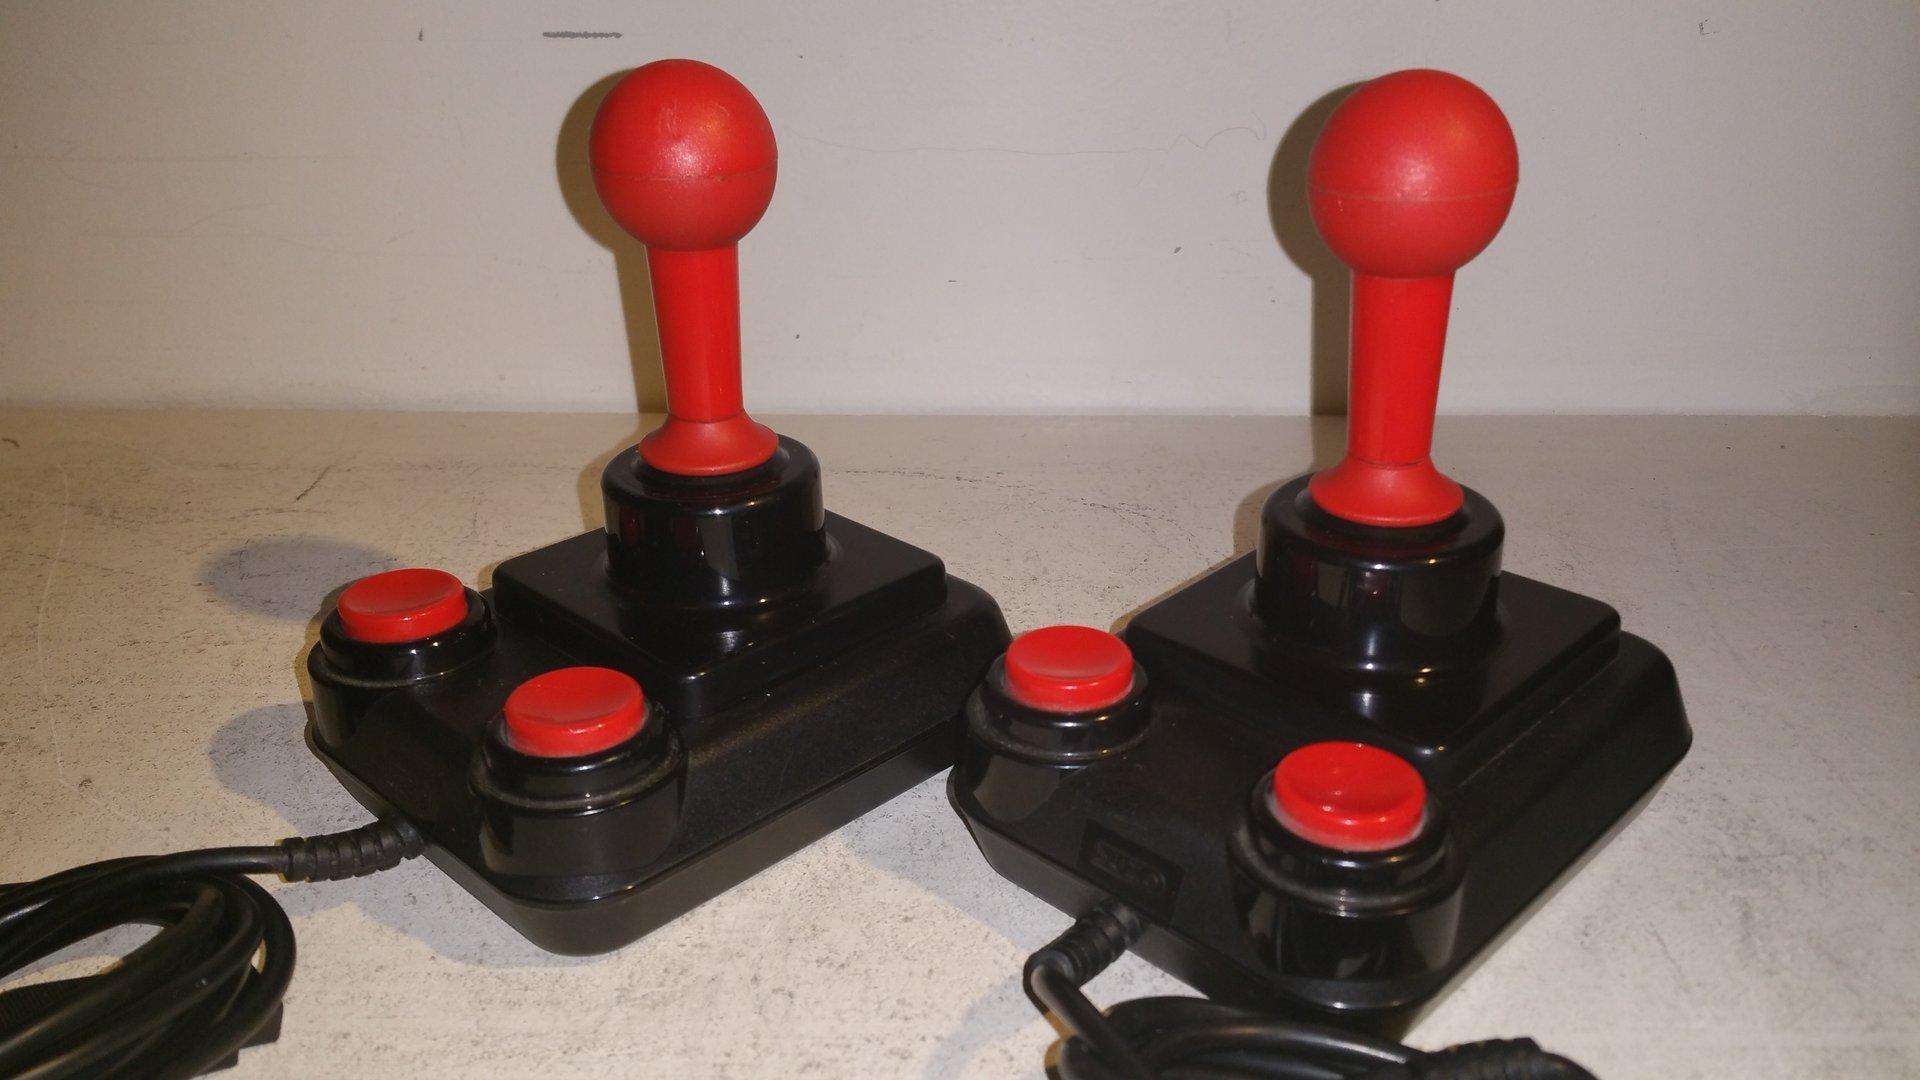 Atari Joystick Mame Raspberry Pi To Arcade Controller Interface Arcadomania Shop Download